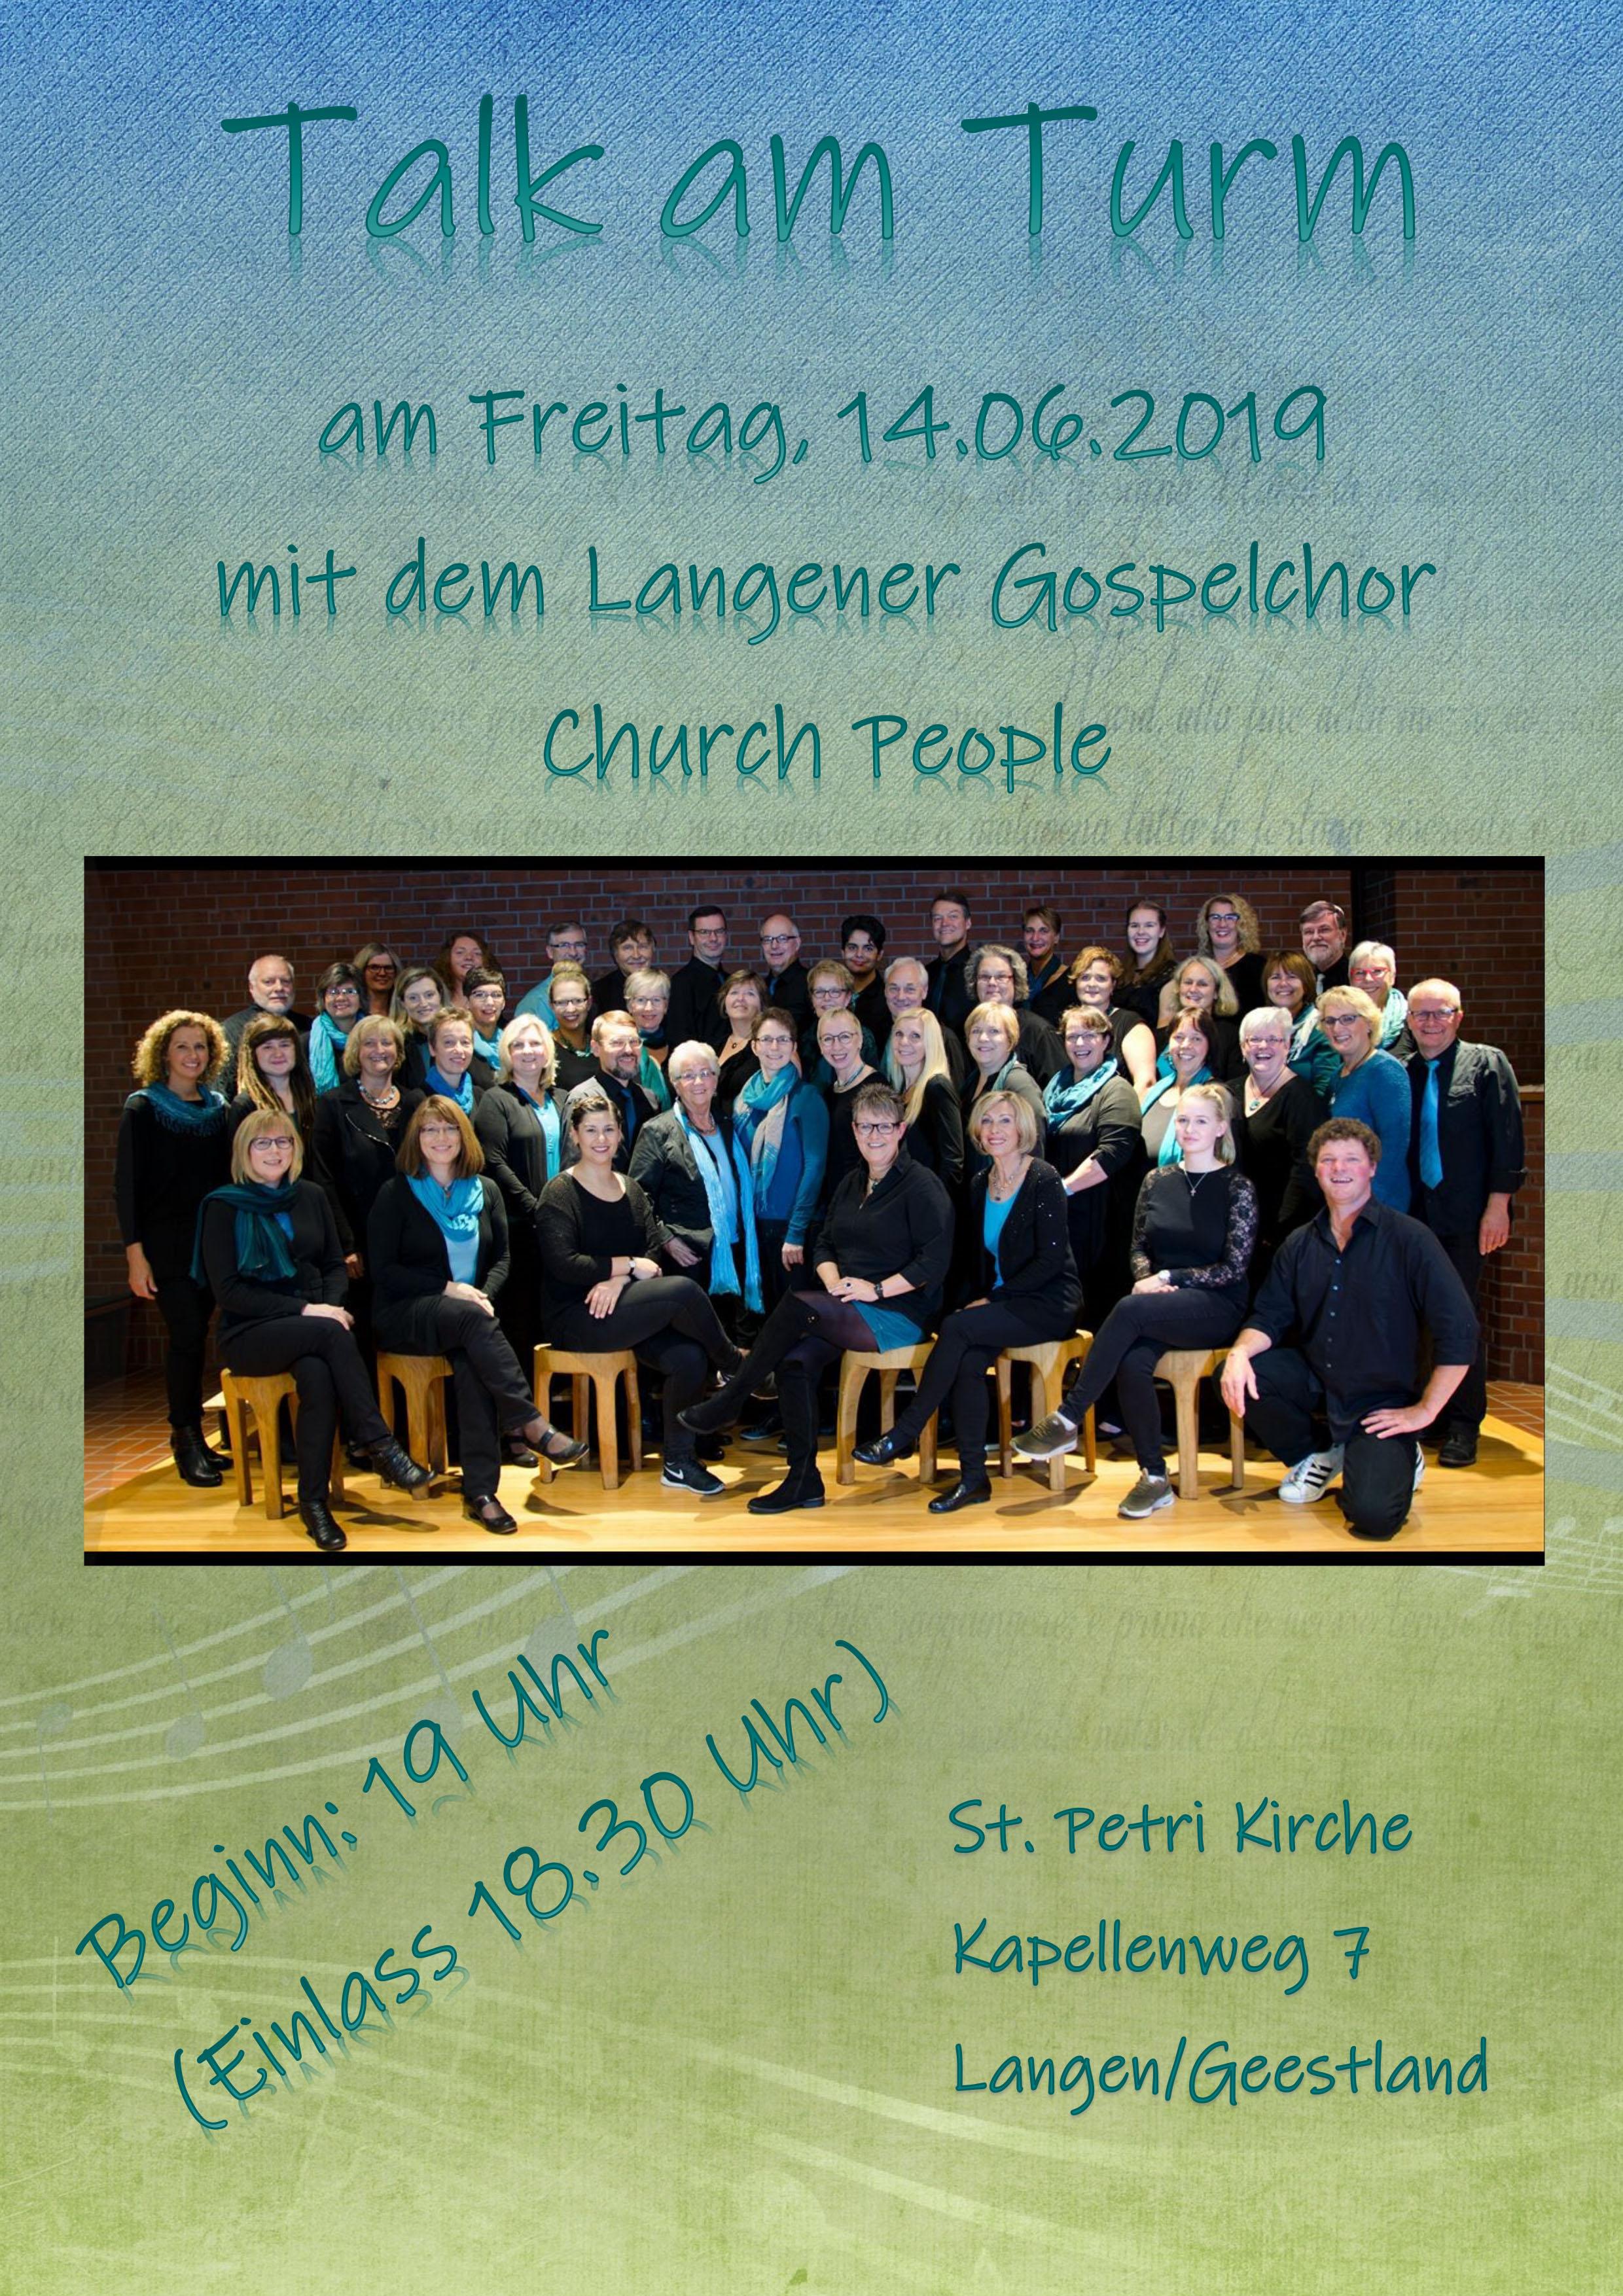 Konzert Talk am Turm 14. Juni 2019